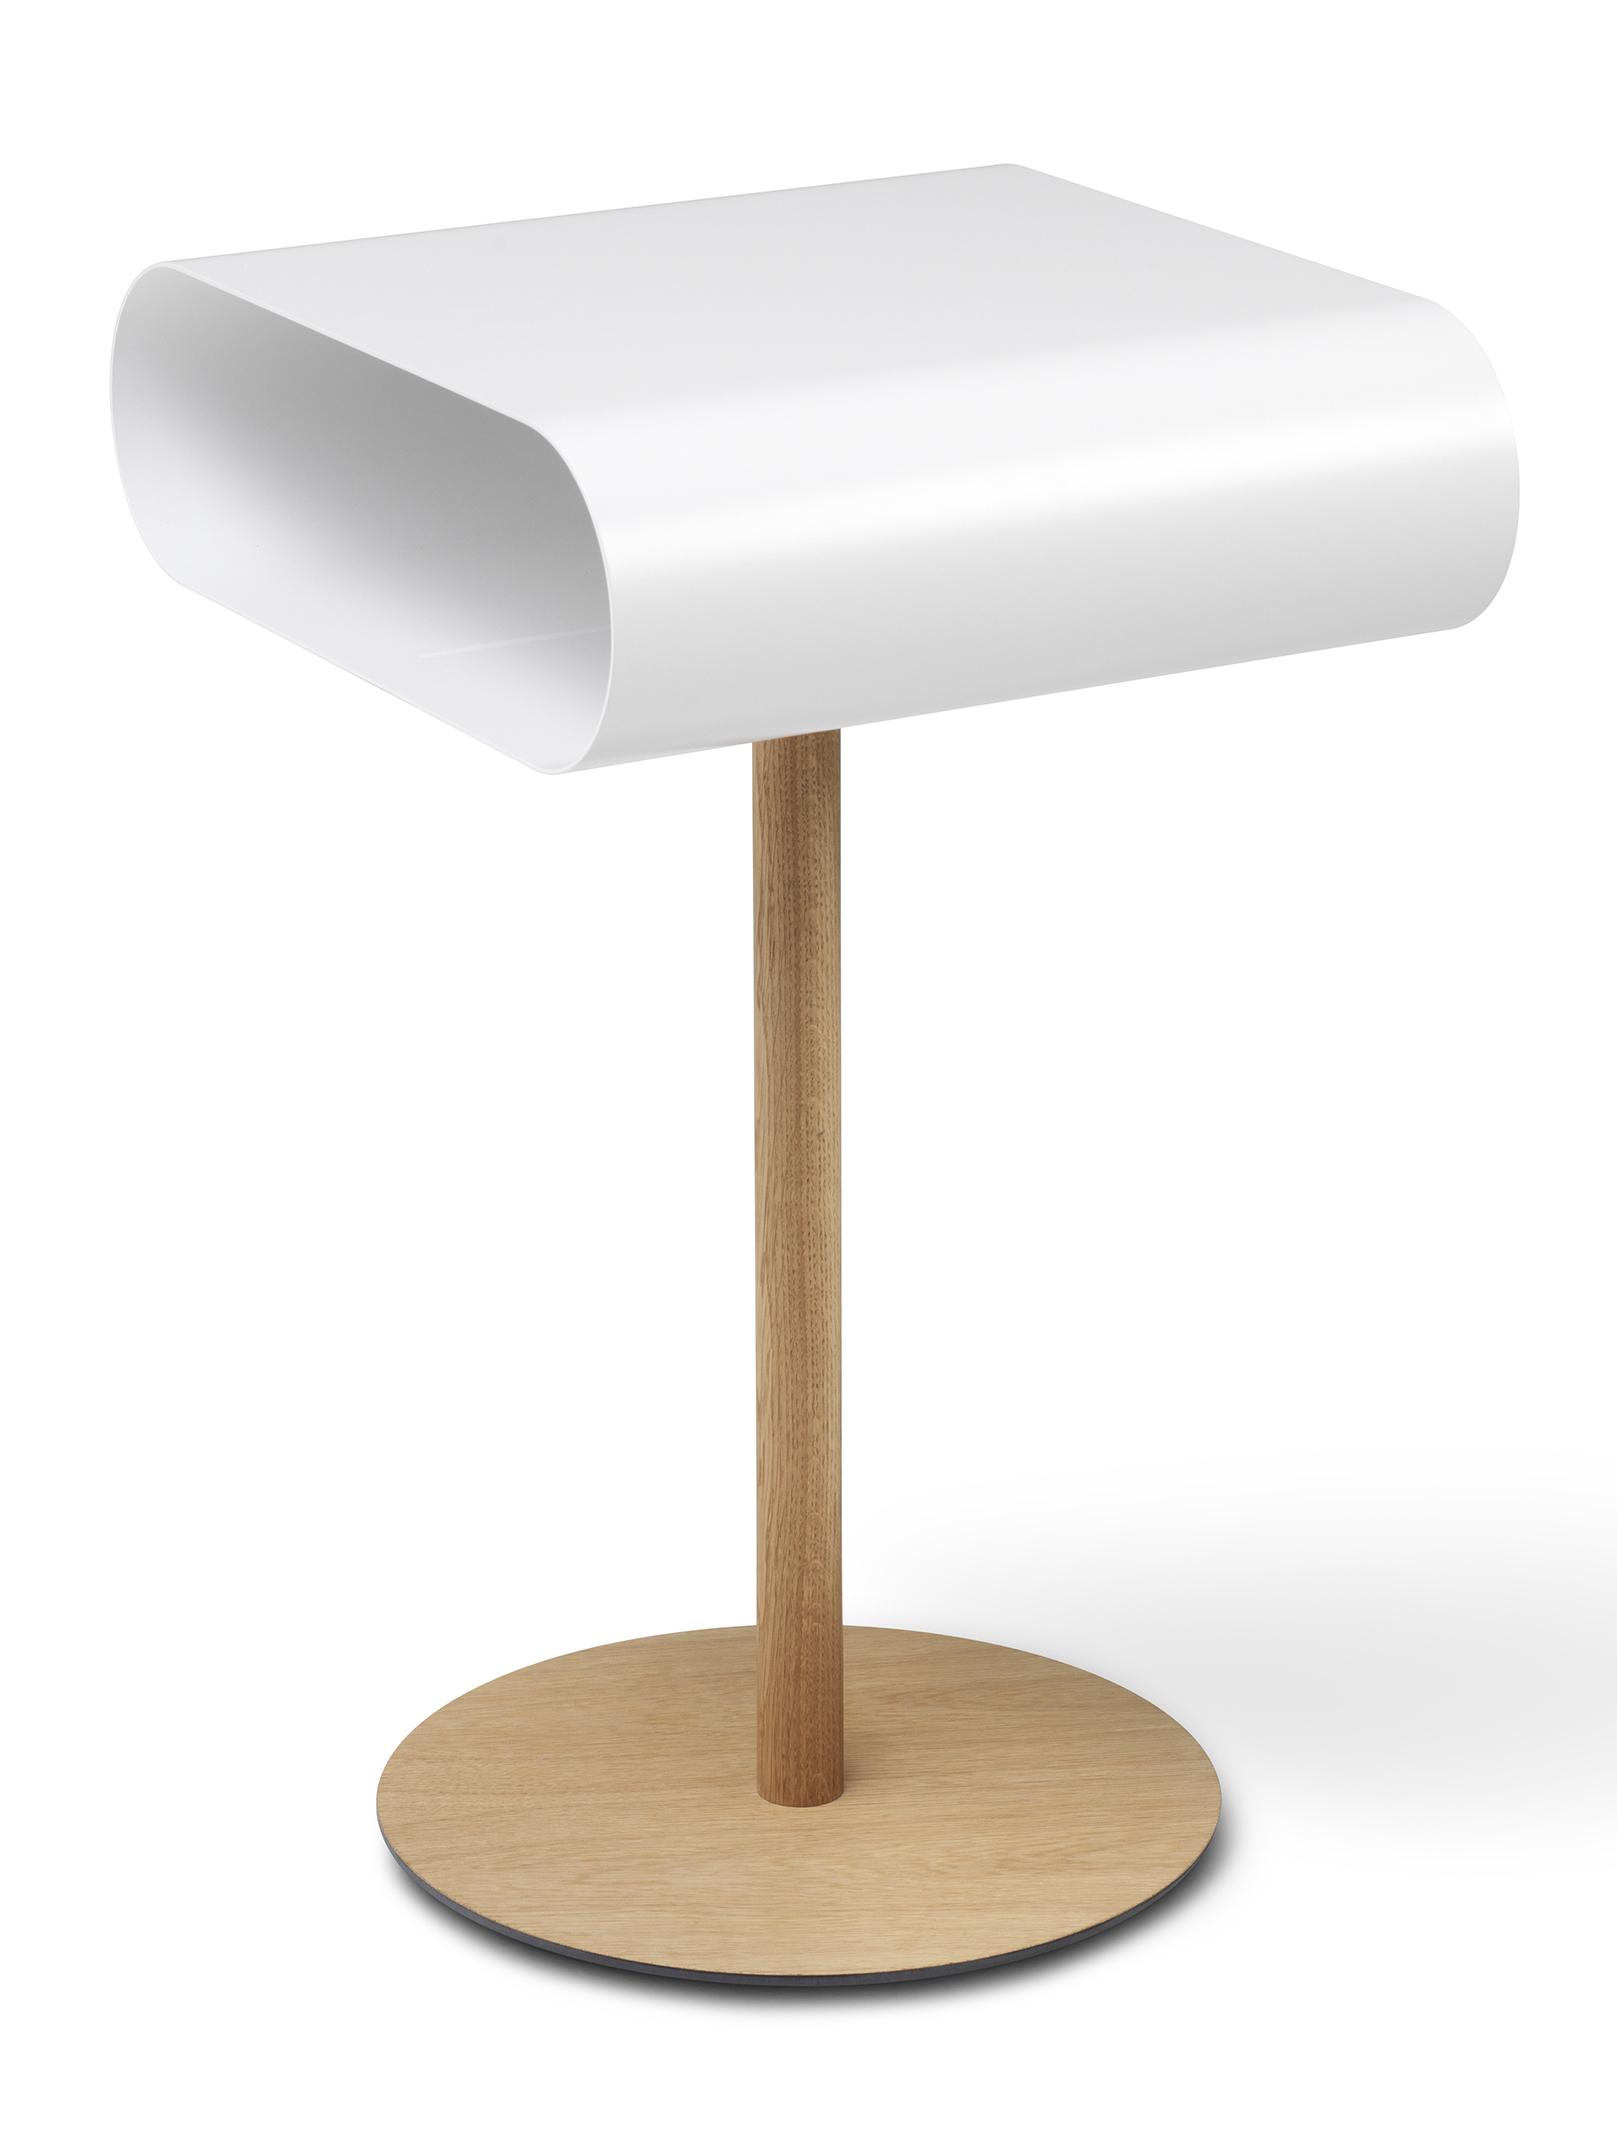 beistelltisch 65 cm hoch energiemakeovernop. Black Bedroom Furniture Sets. Home Design Ideas